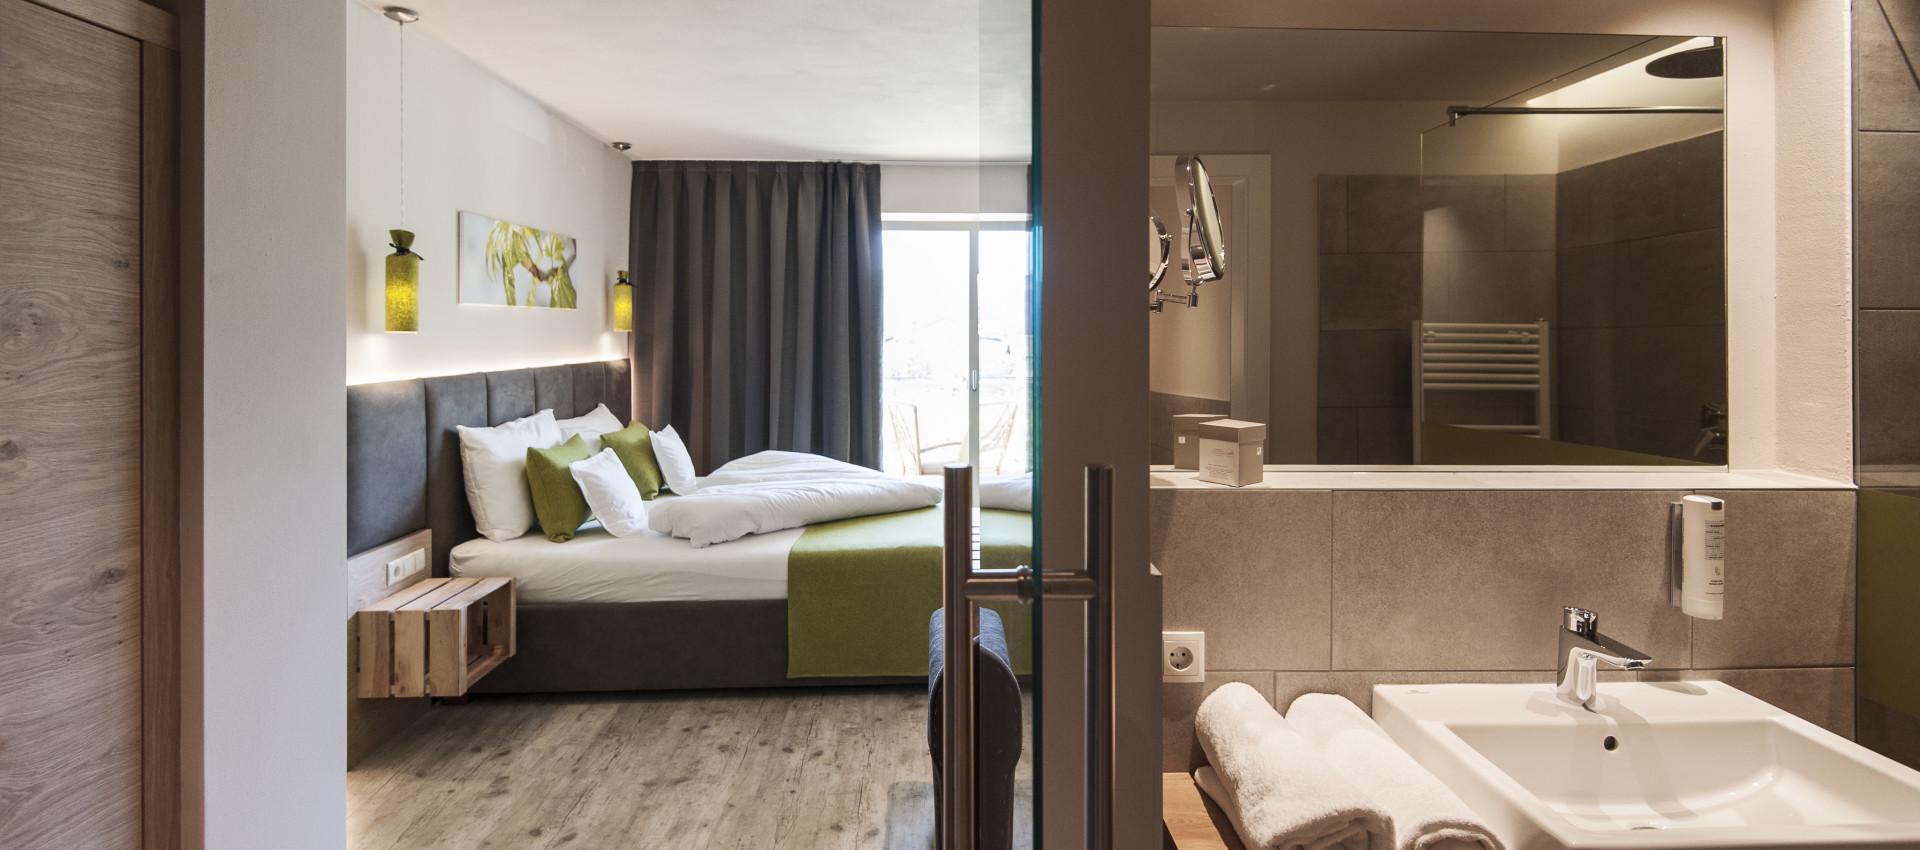 Hotel für Genießer bei Meran in Südtirol